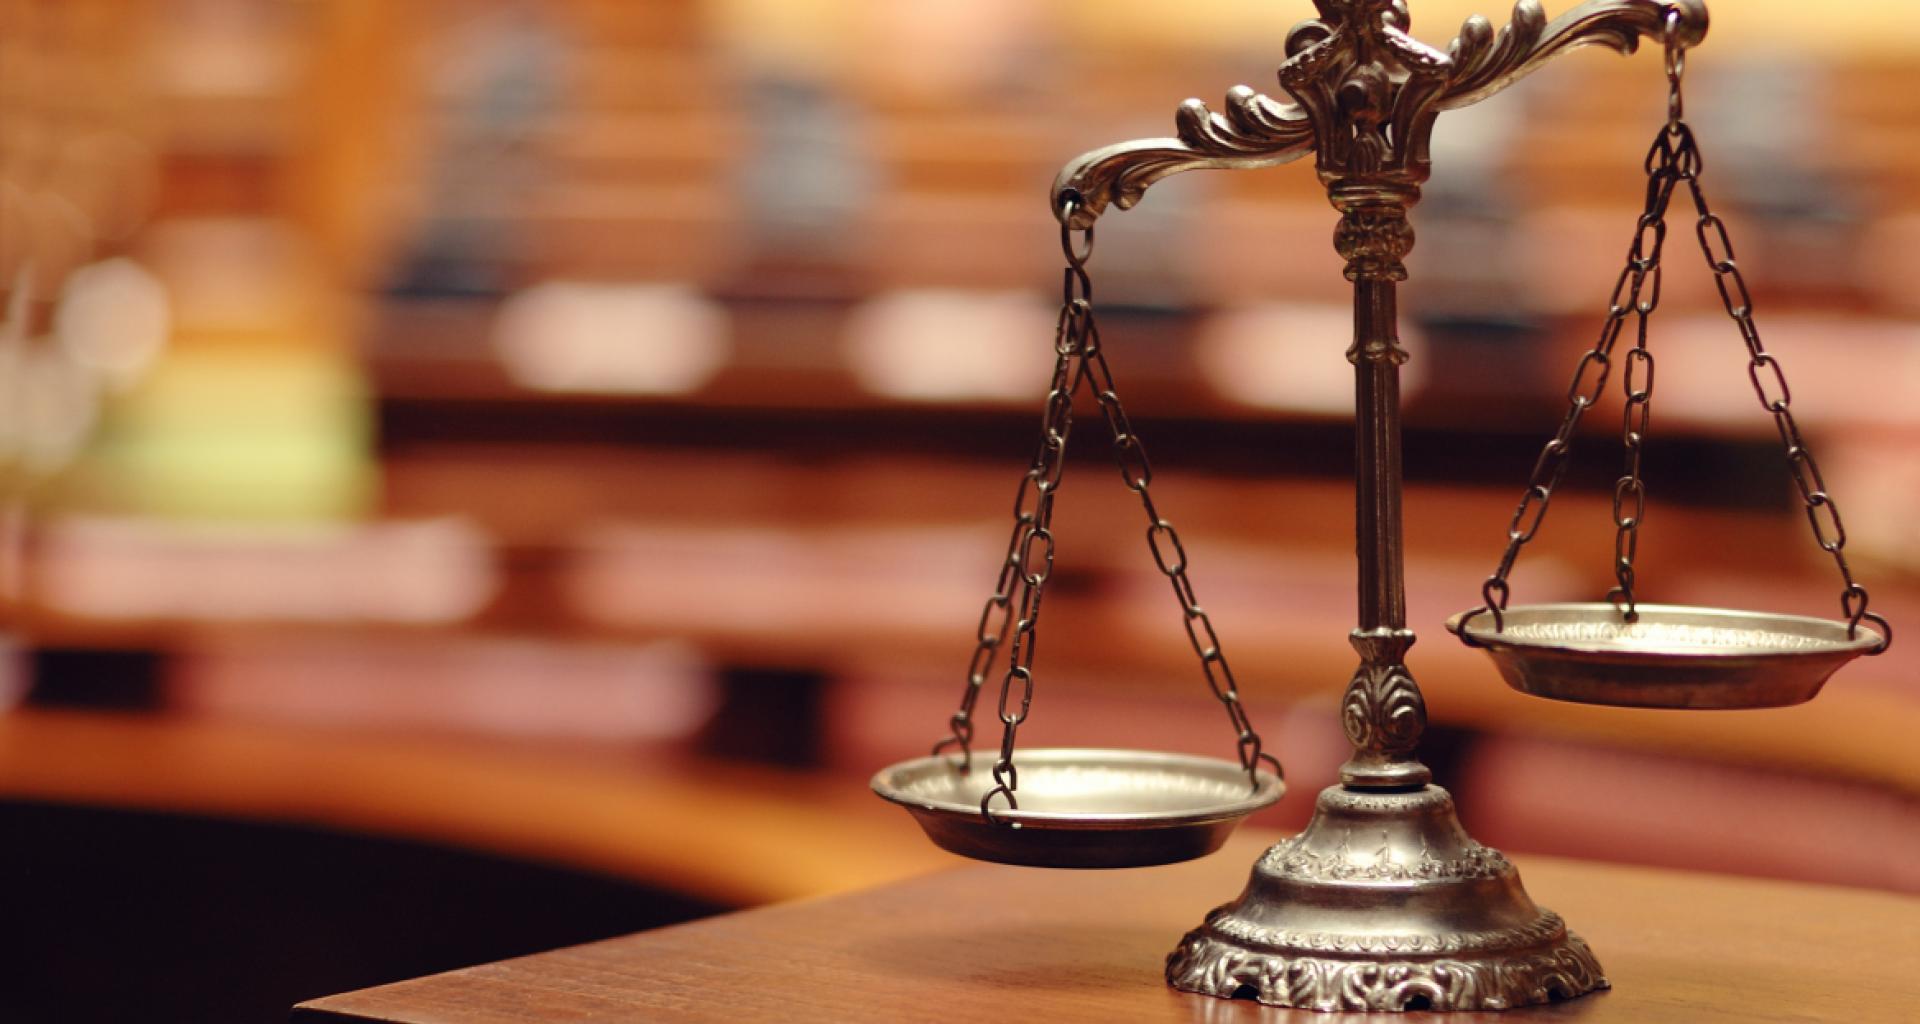 Aumenta la protección y vigilancia de sedes judiciales con 26,6 millones de euros